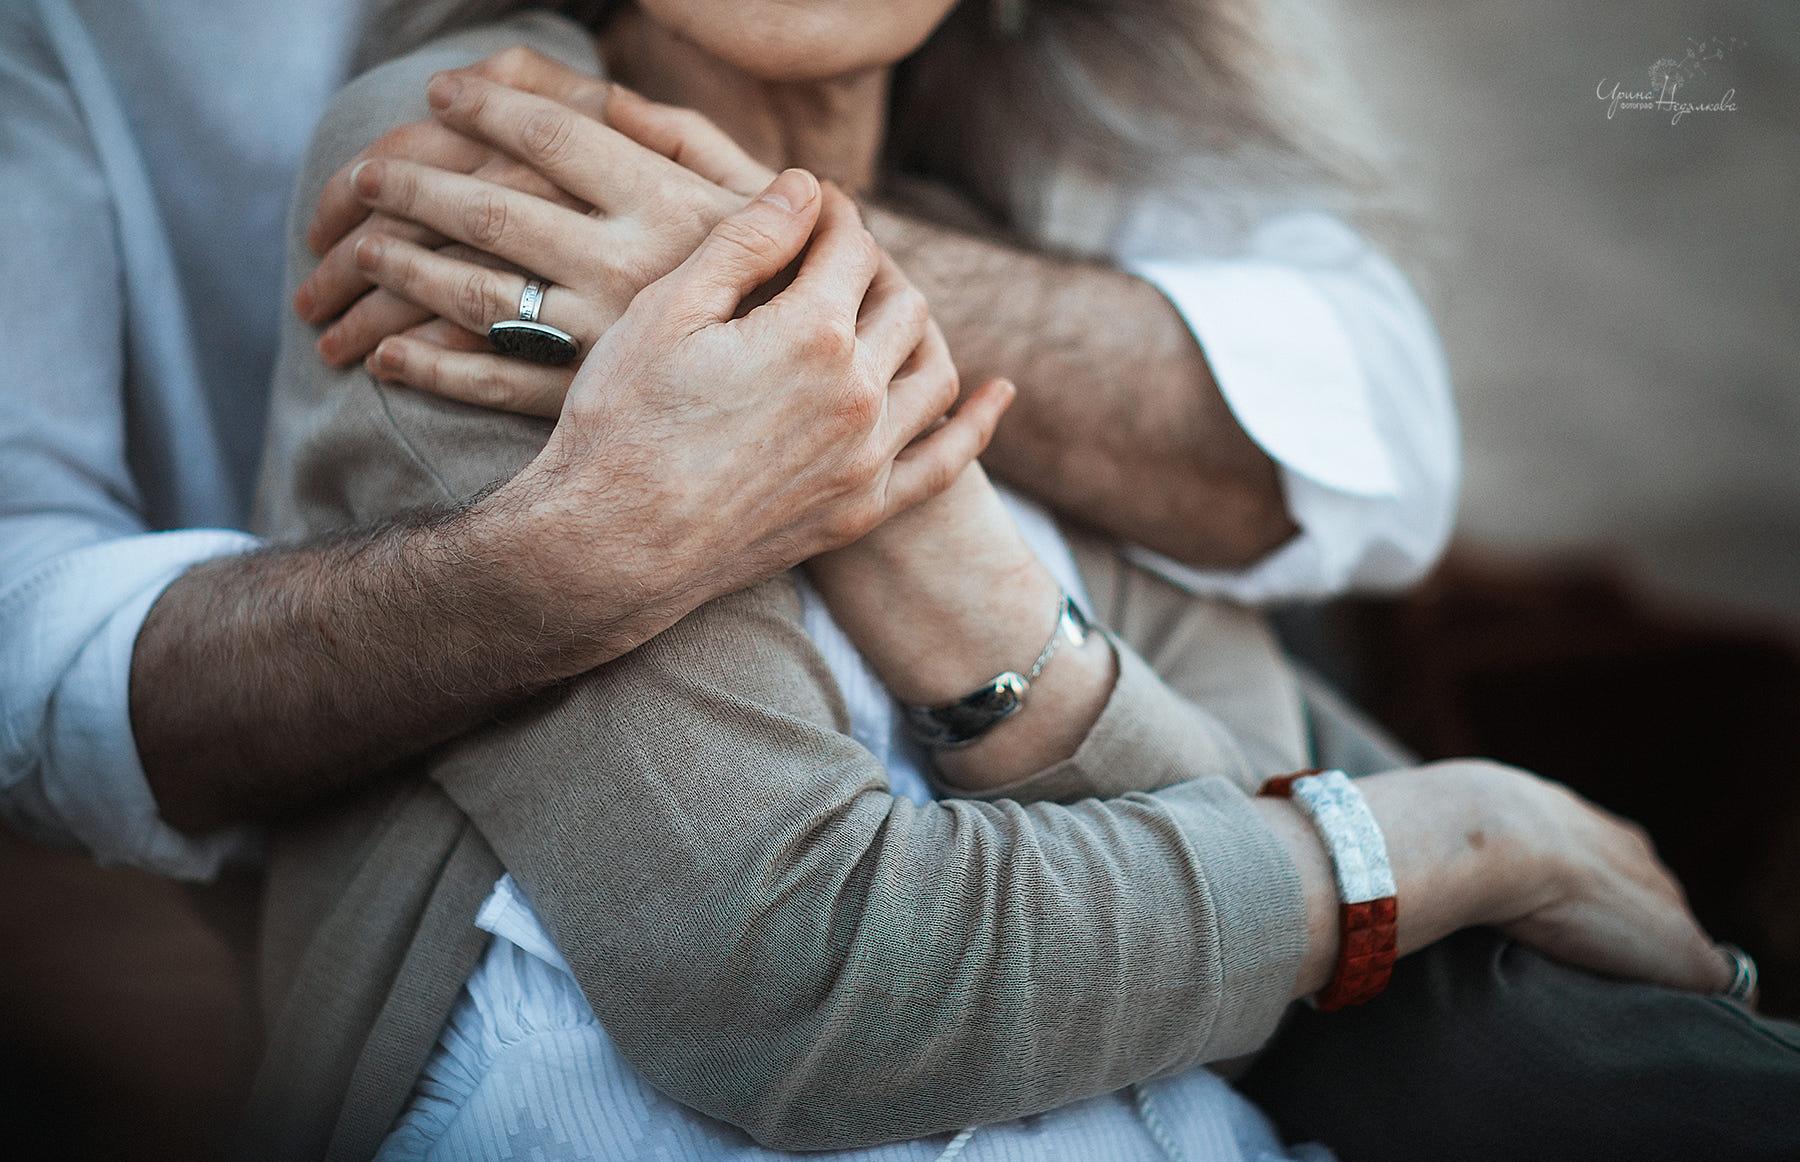 Картинка мужчина и женщина обнимаются, картинках